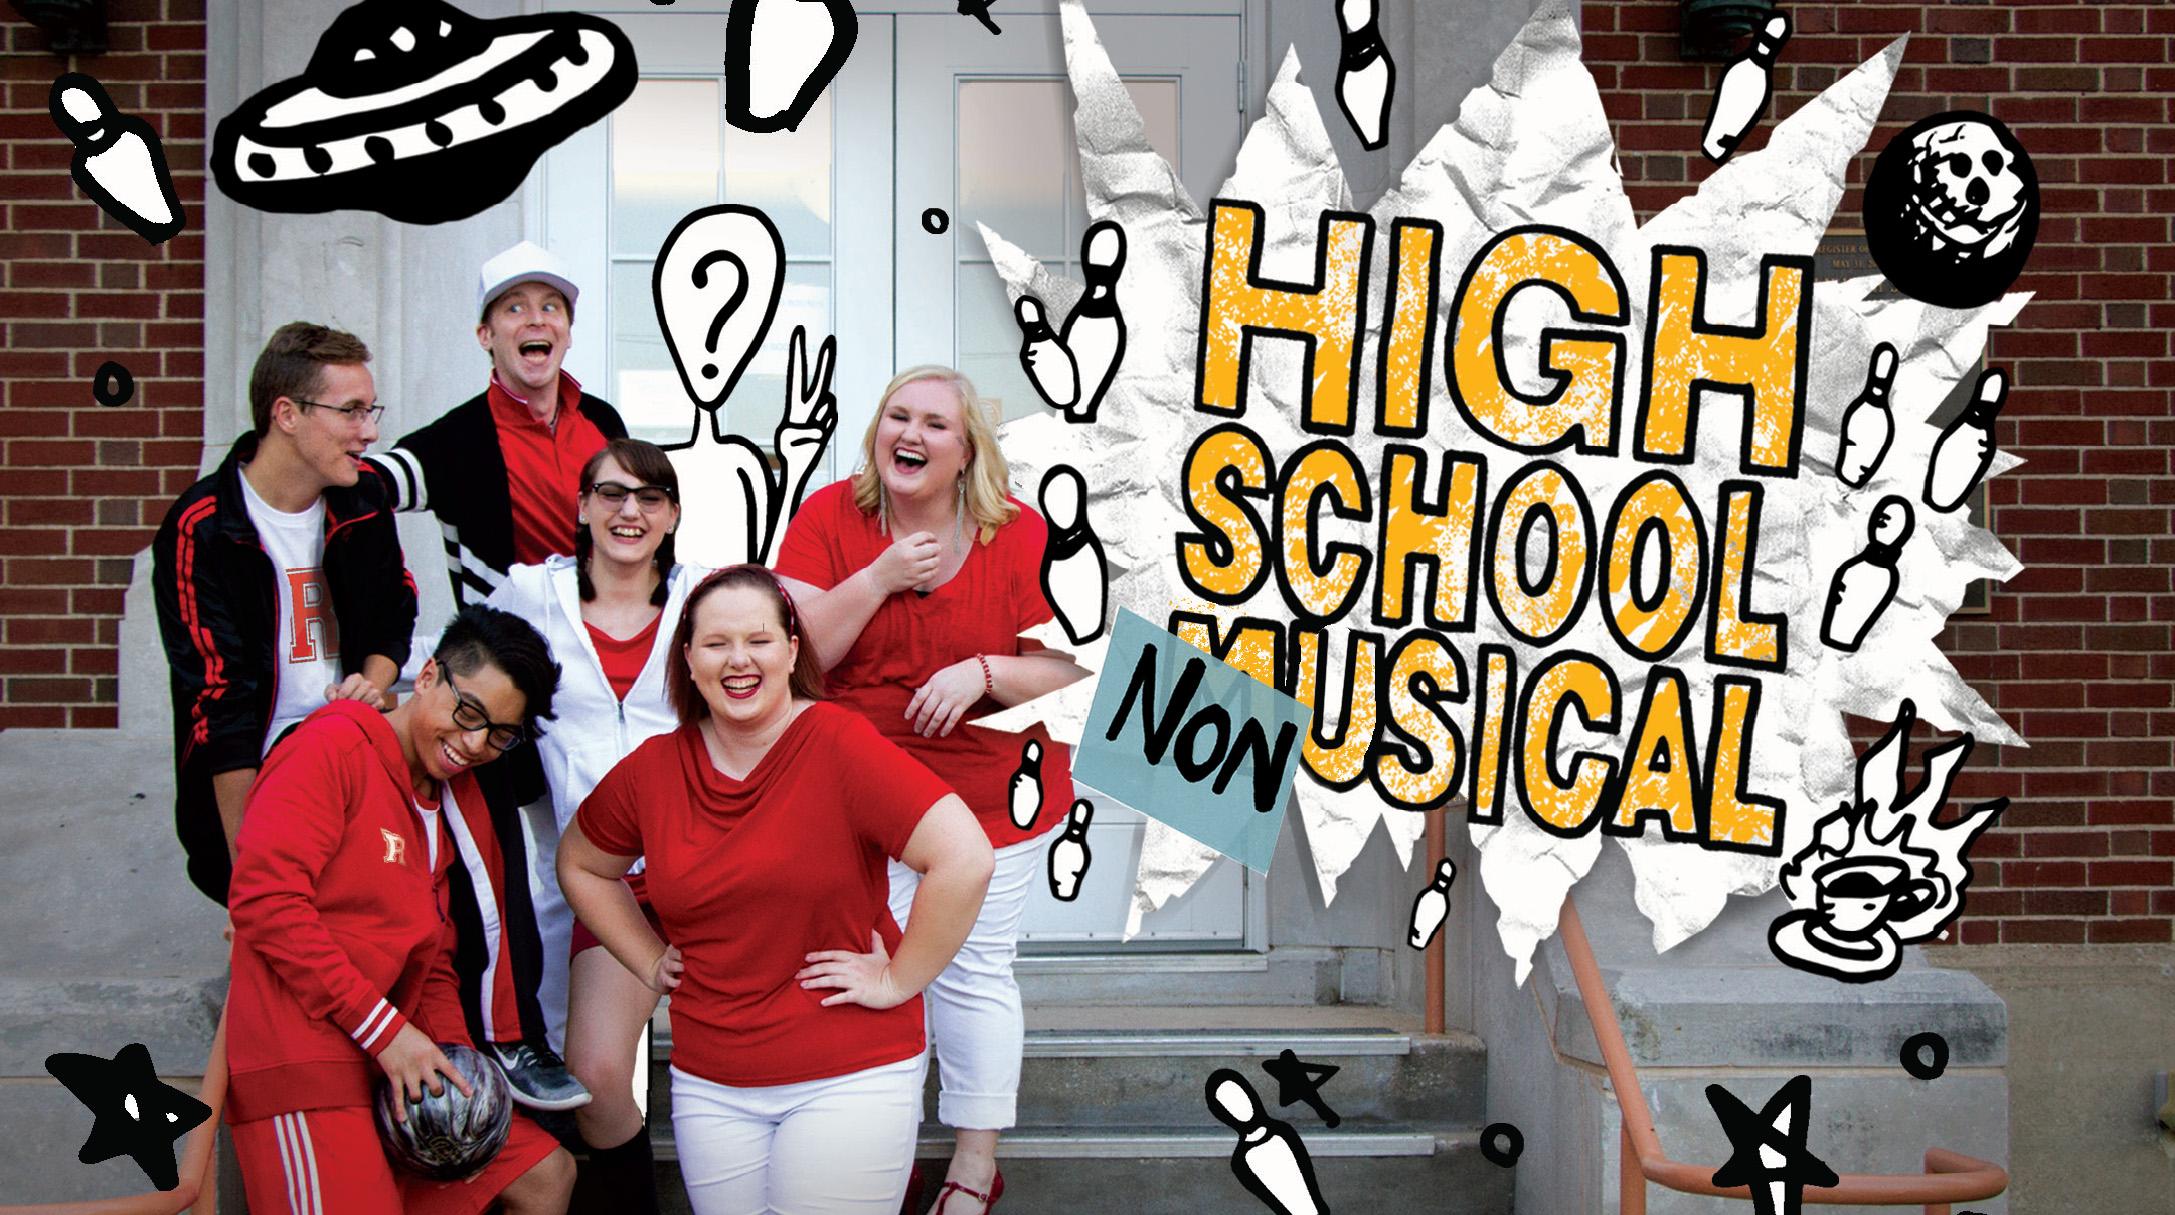 High School Non Musical Poster